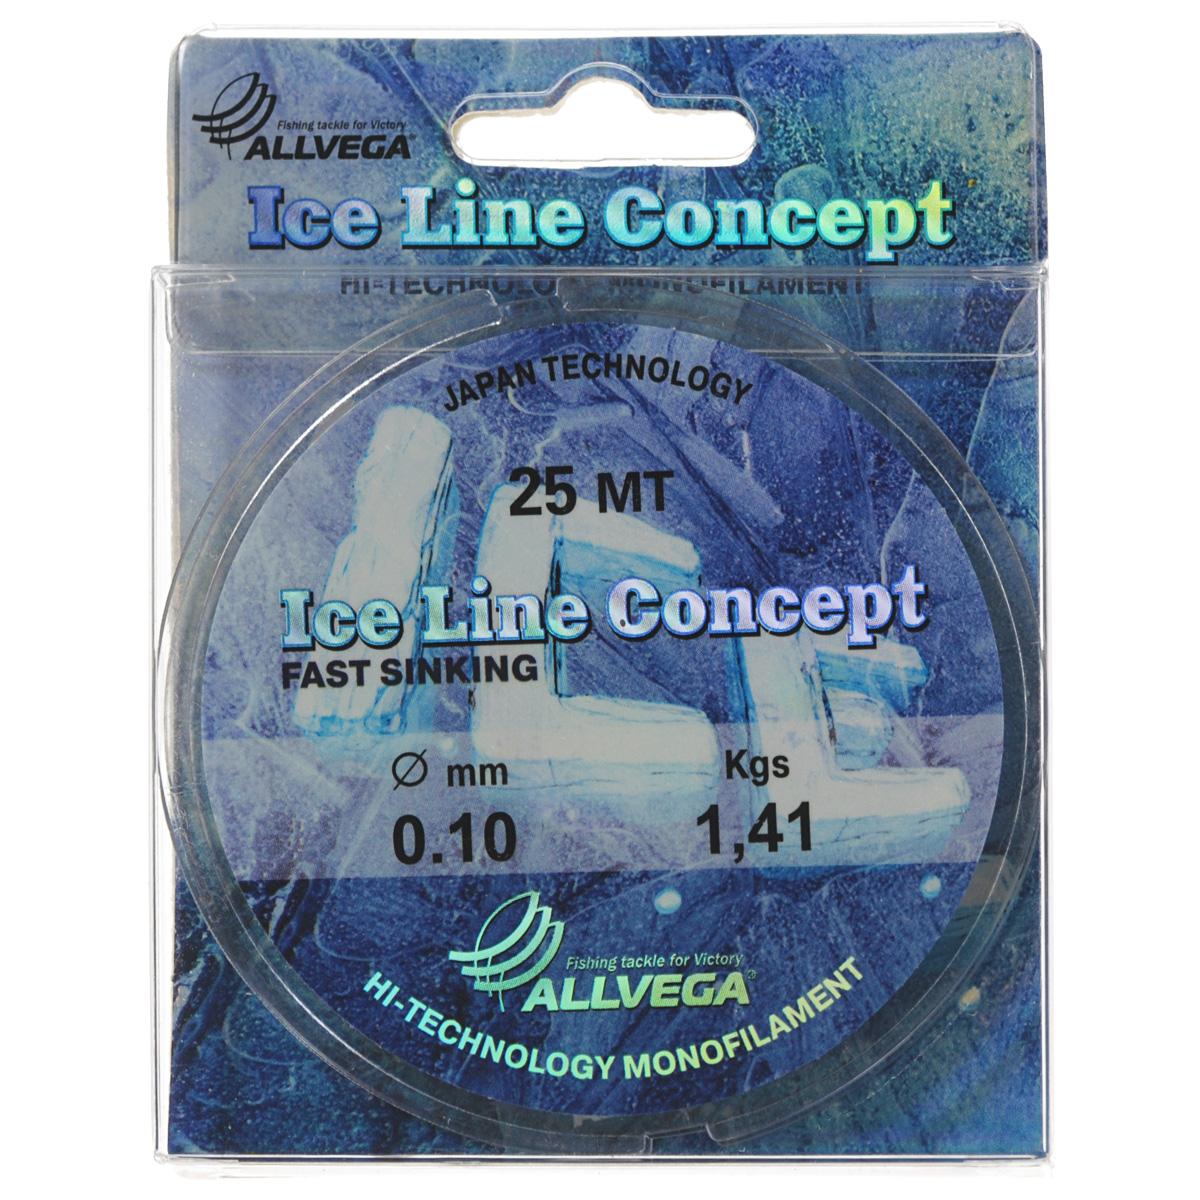 Леска Allvega Ice Line Concept, сечение 0,1 мм, длина 25 мФуфайка Verticale FELXСпециальная зимняя леска Allvega Ice Line Concept для низких температур. Прозрачная и высокопрочная. Отсутствие механической памяти, позволяет с успехом использовать ее для ловли на мормышку.